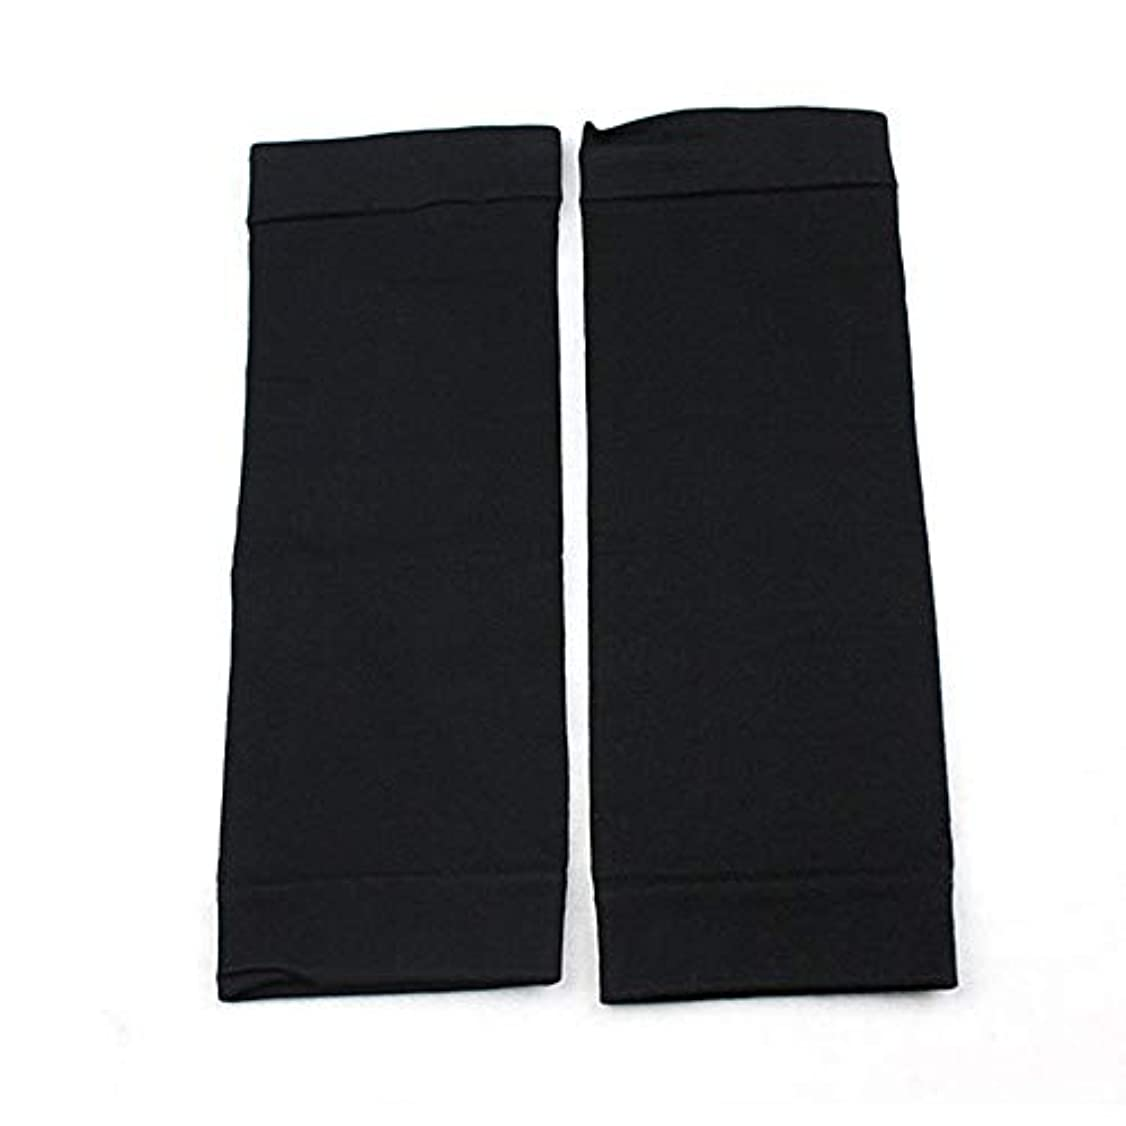 取り消すマークダウングリット1ペアウエストニッパーT高燃焼脂肪靴下圧縮レギンスレッグウォーマー圧力脂肪薄い脚パンツ燃焼脂肪ガード - ブラック